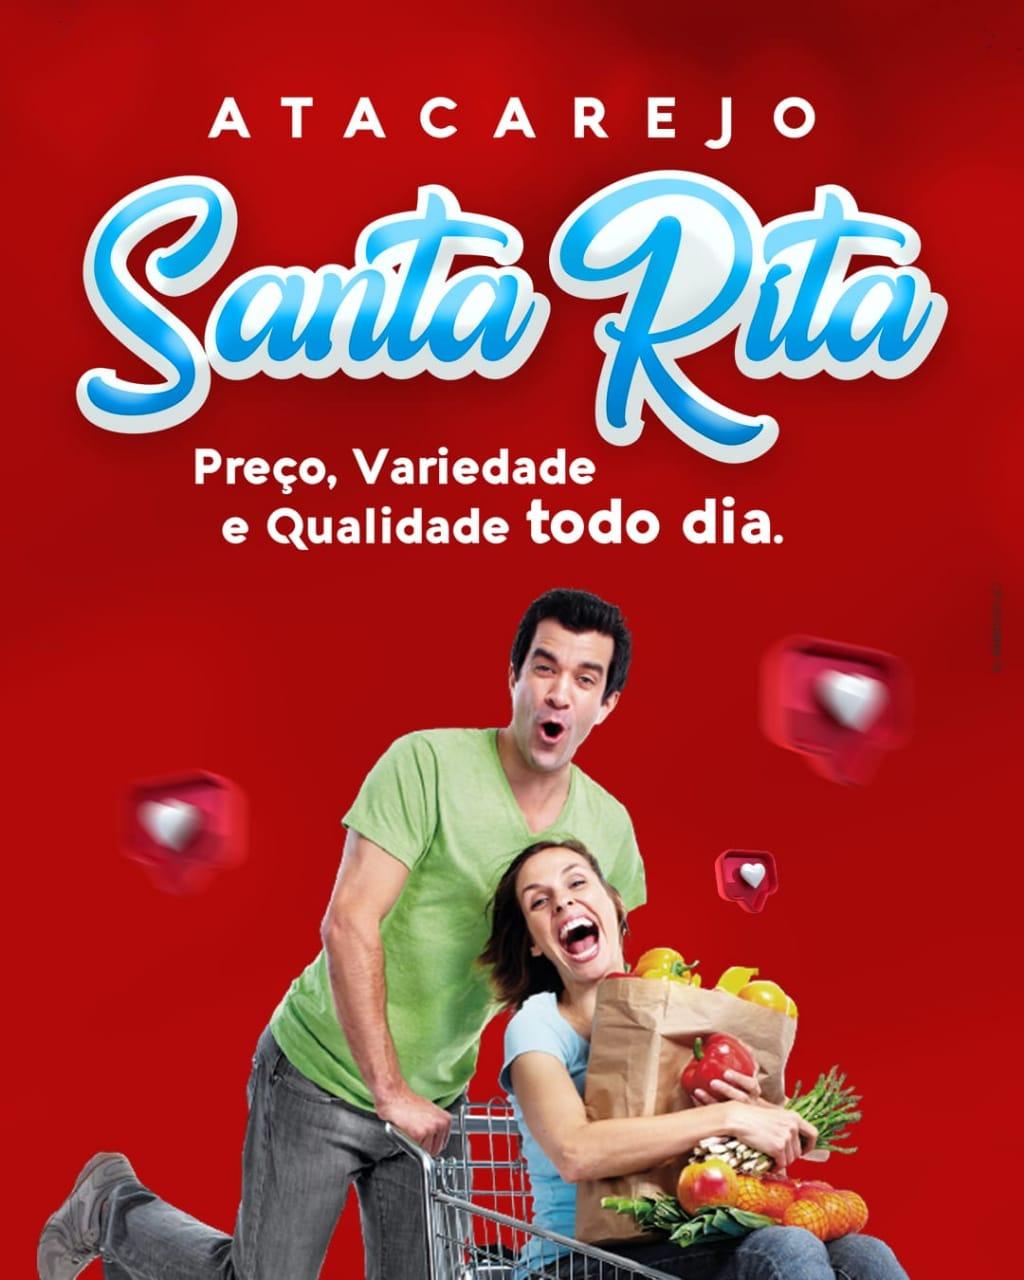 Atacarejo Santa Rita